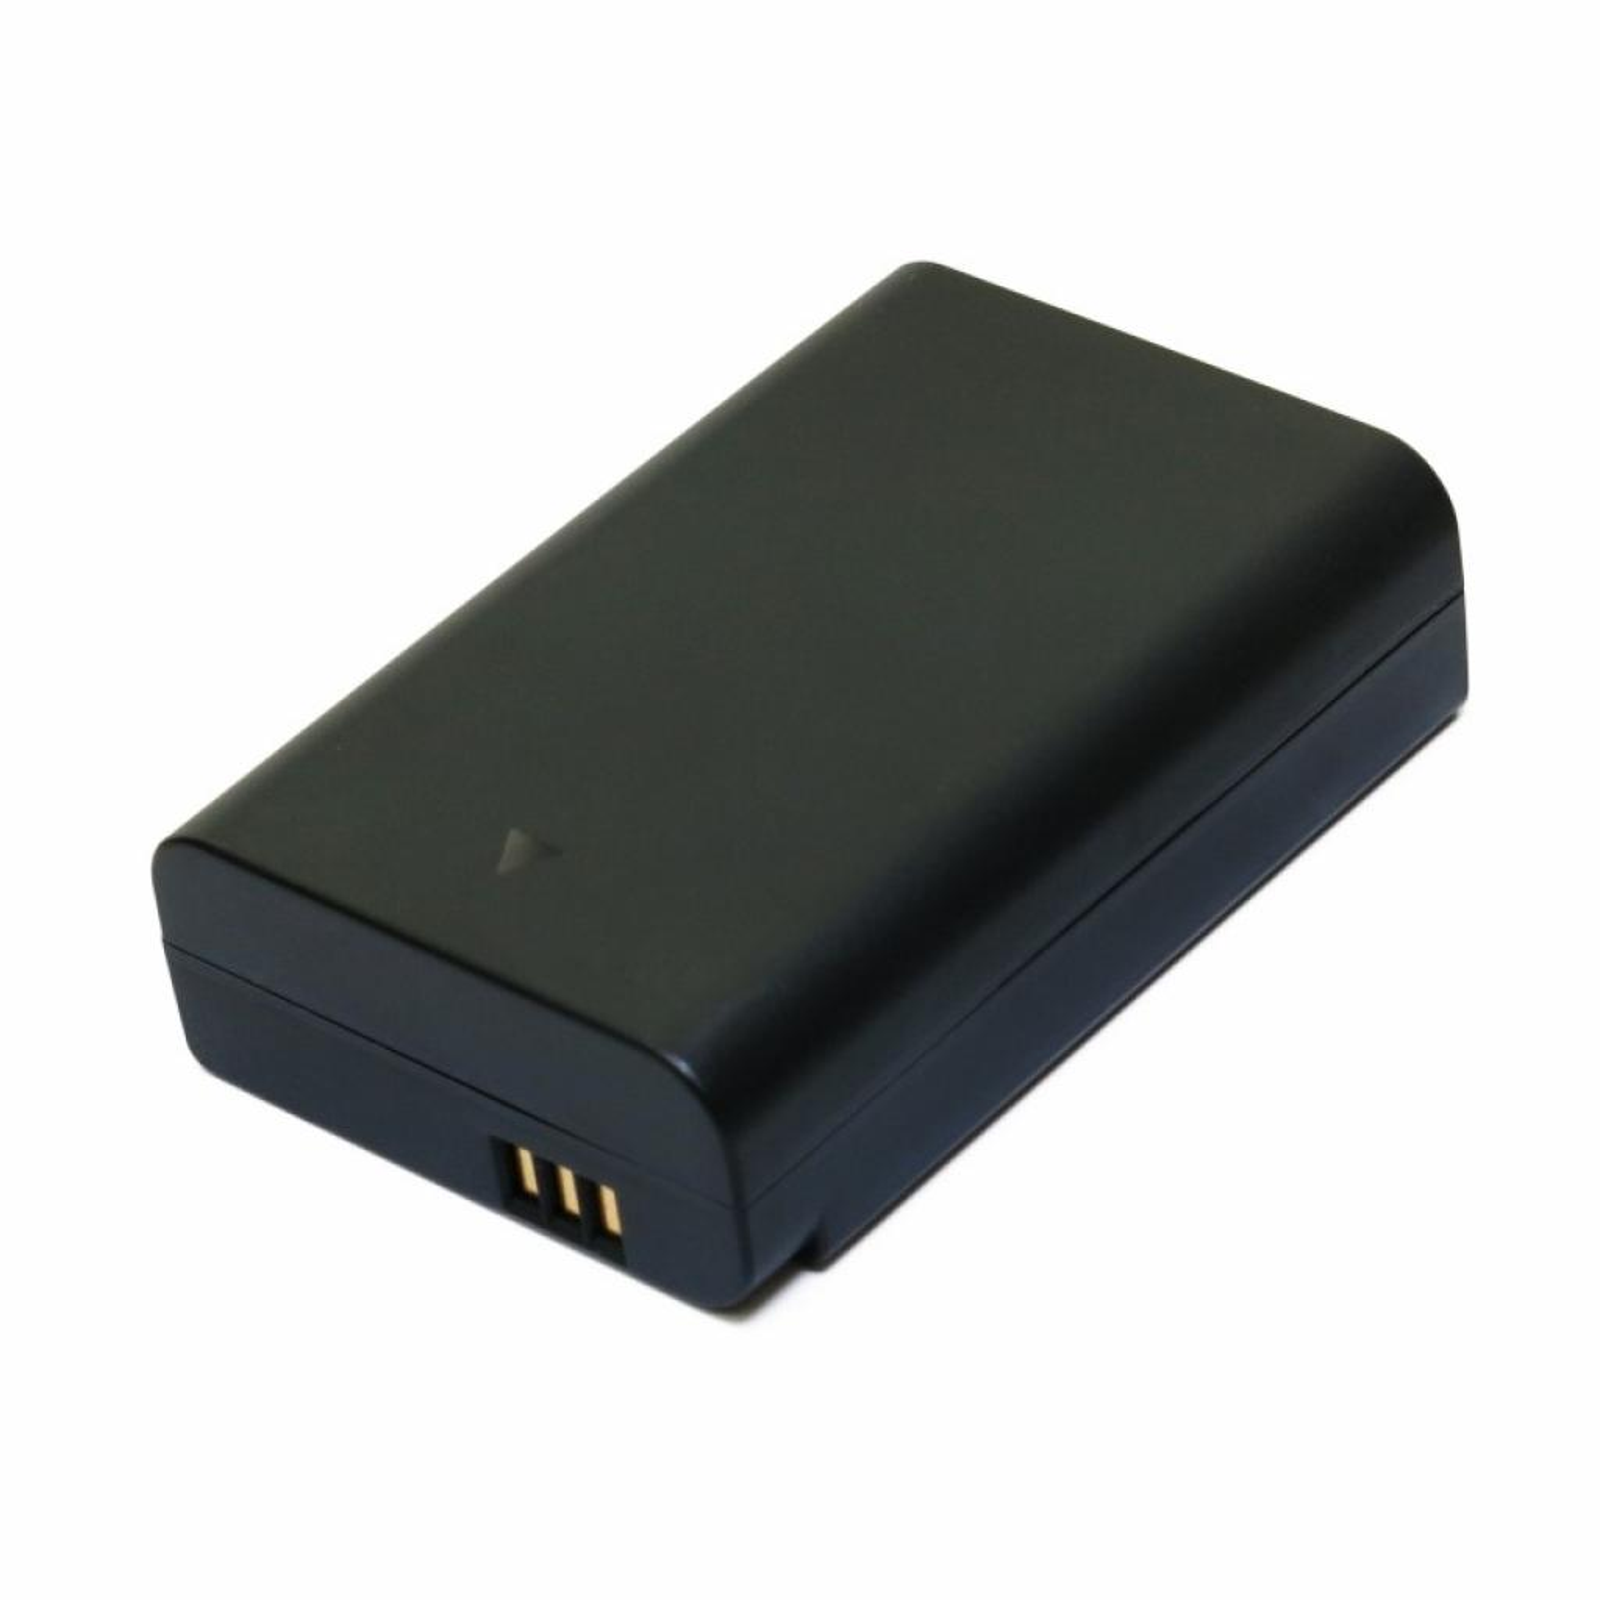 Аккумулятор к фото/видео EXTRADIGITAL Samsung BP1410 (BDS2684) изображение 5